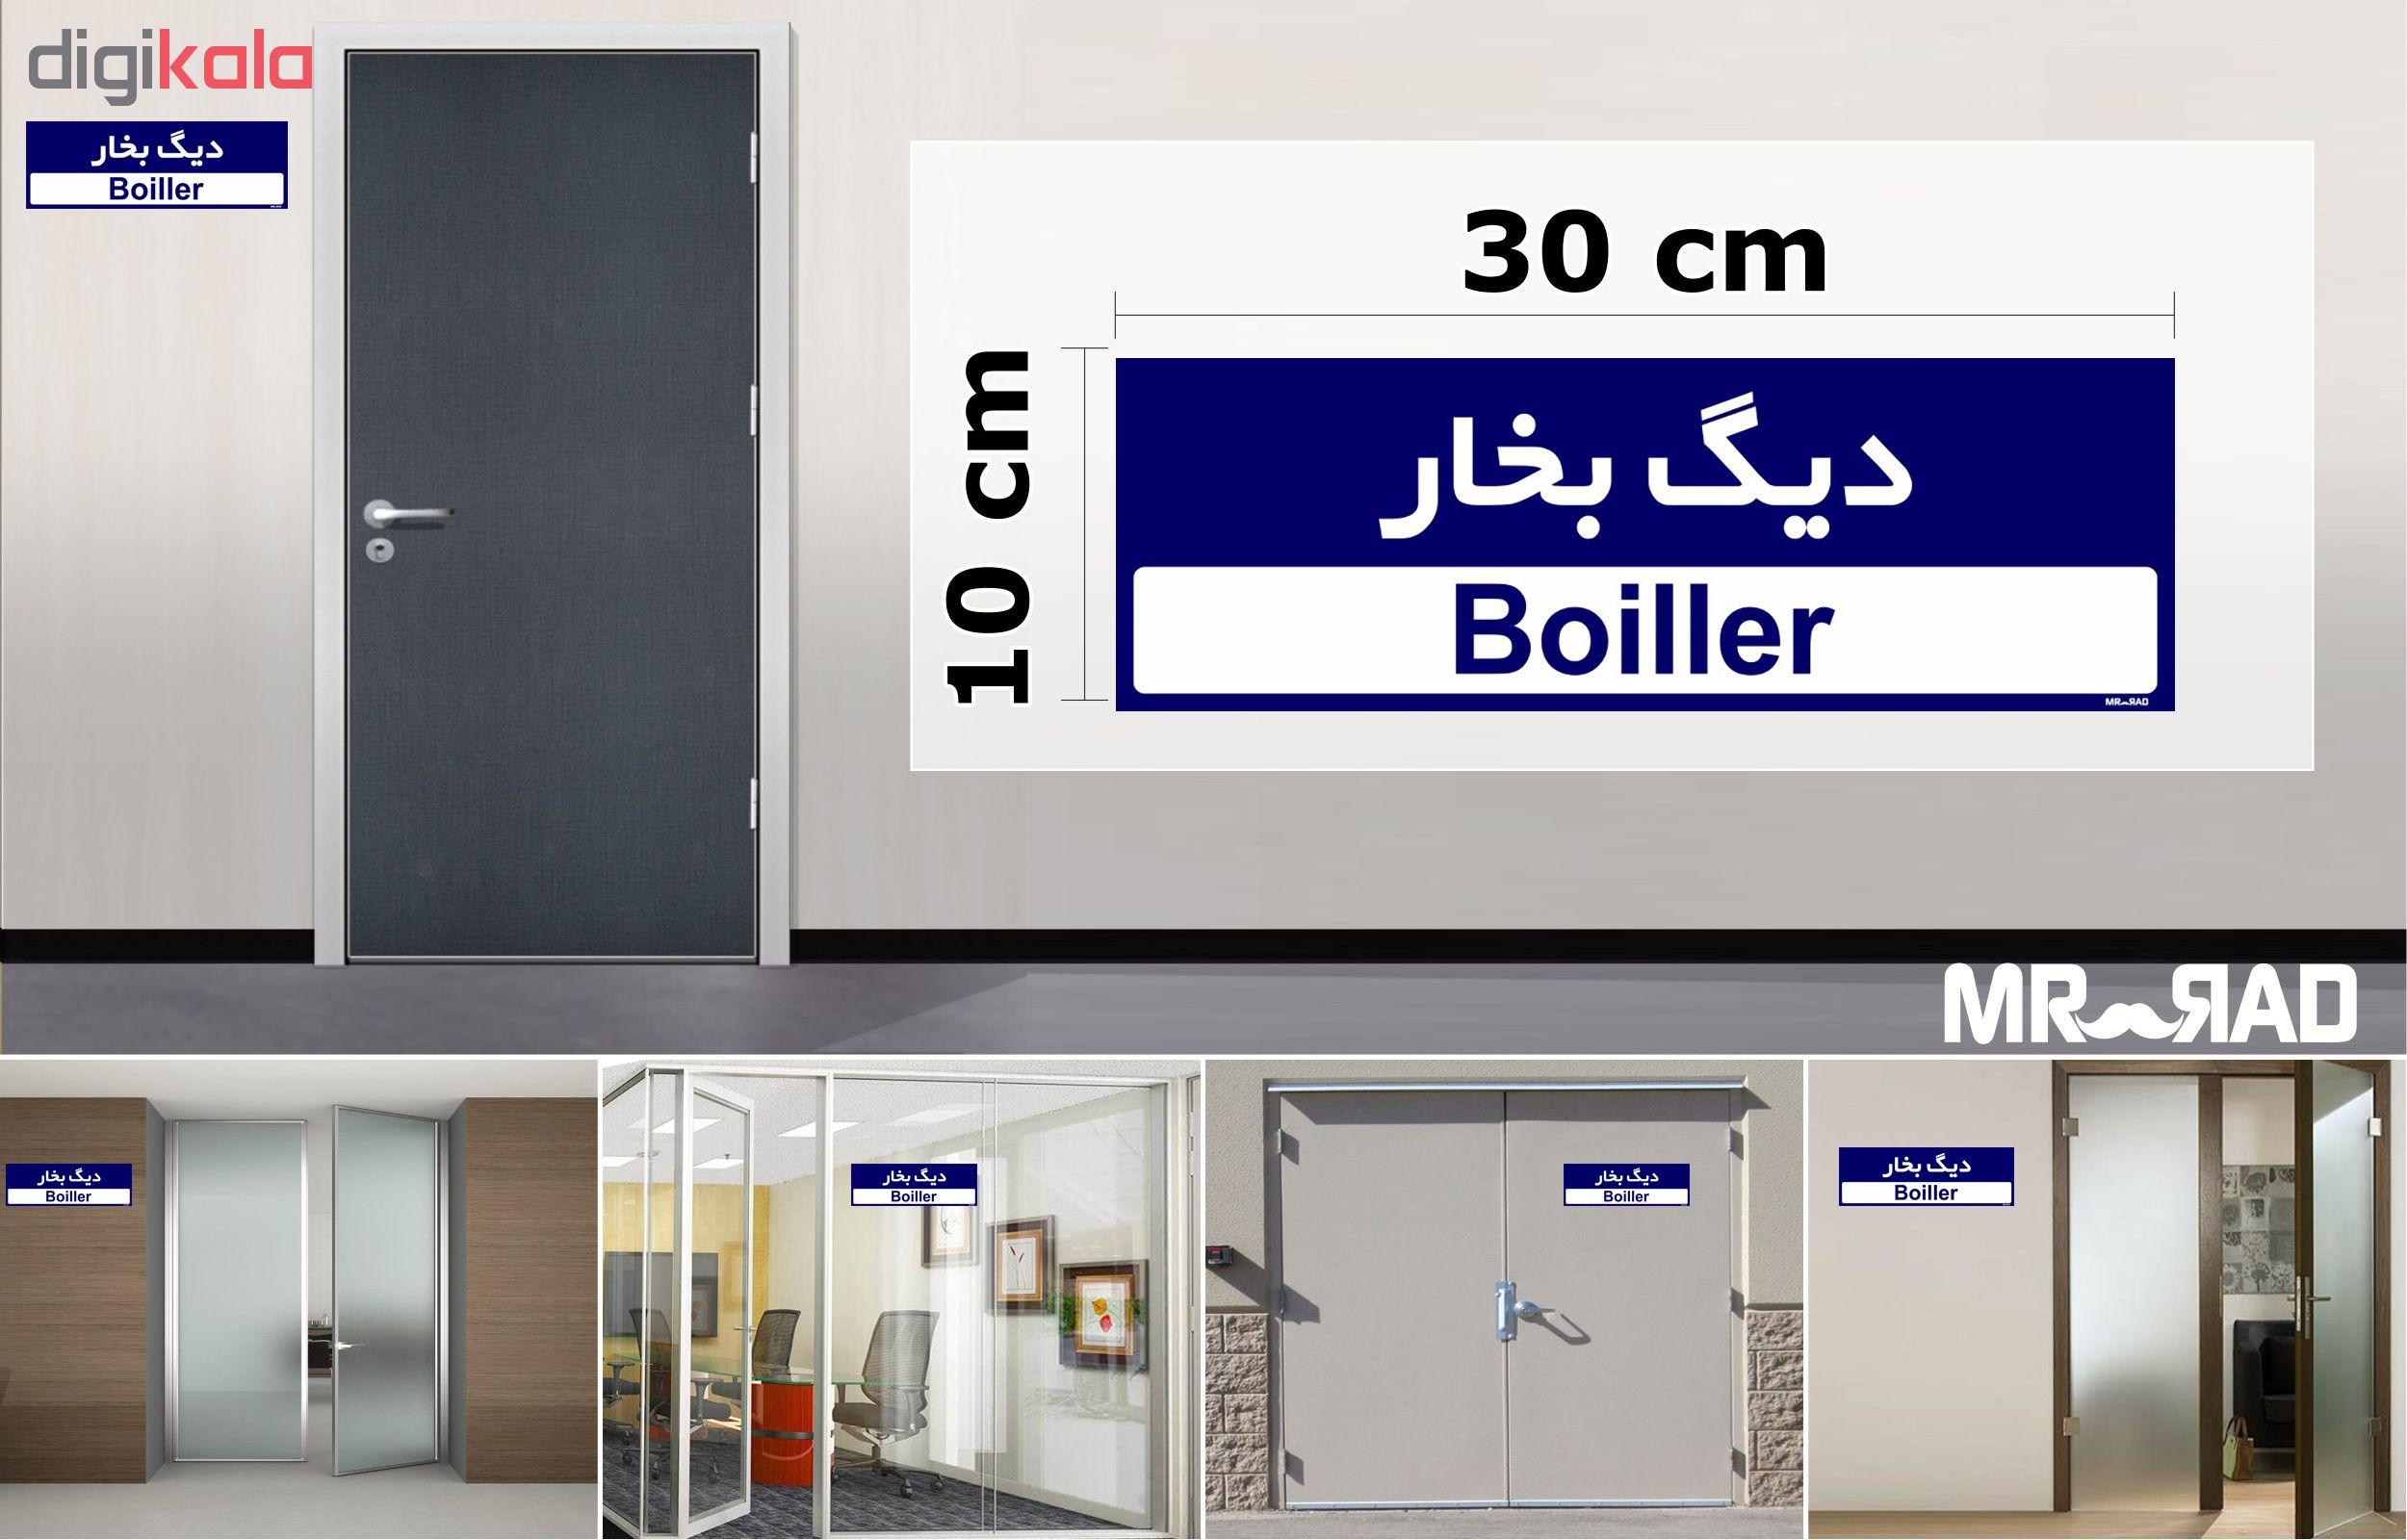 تابلو راهنمای اتاق  FG طرح دیگ بخار کدTHO0373